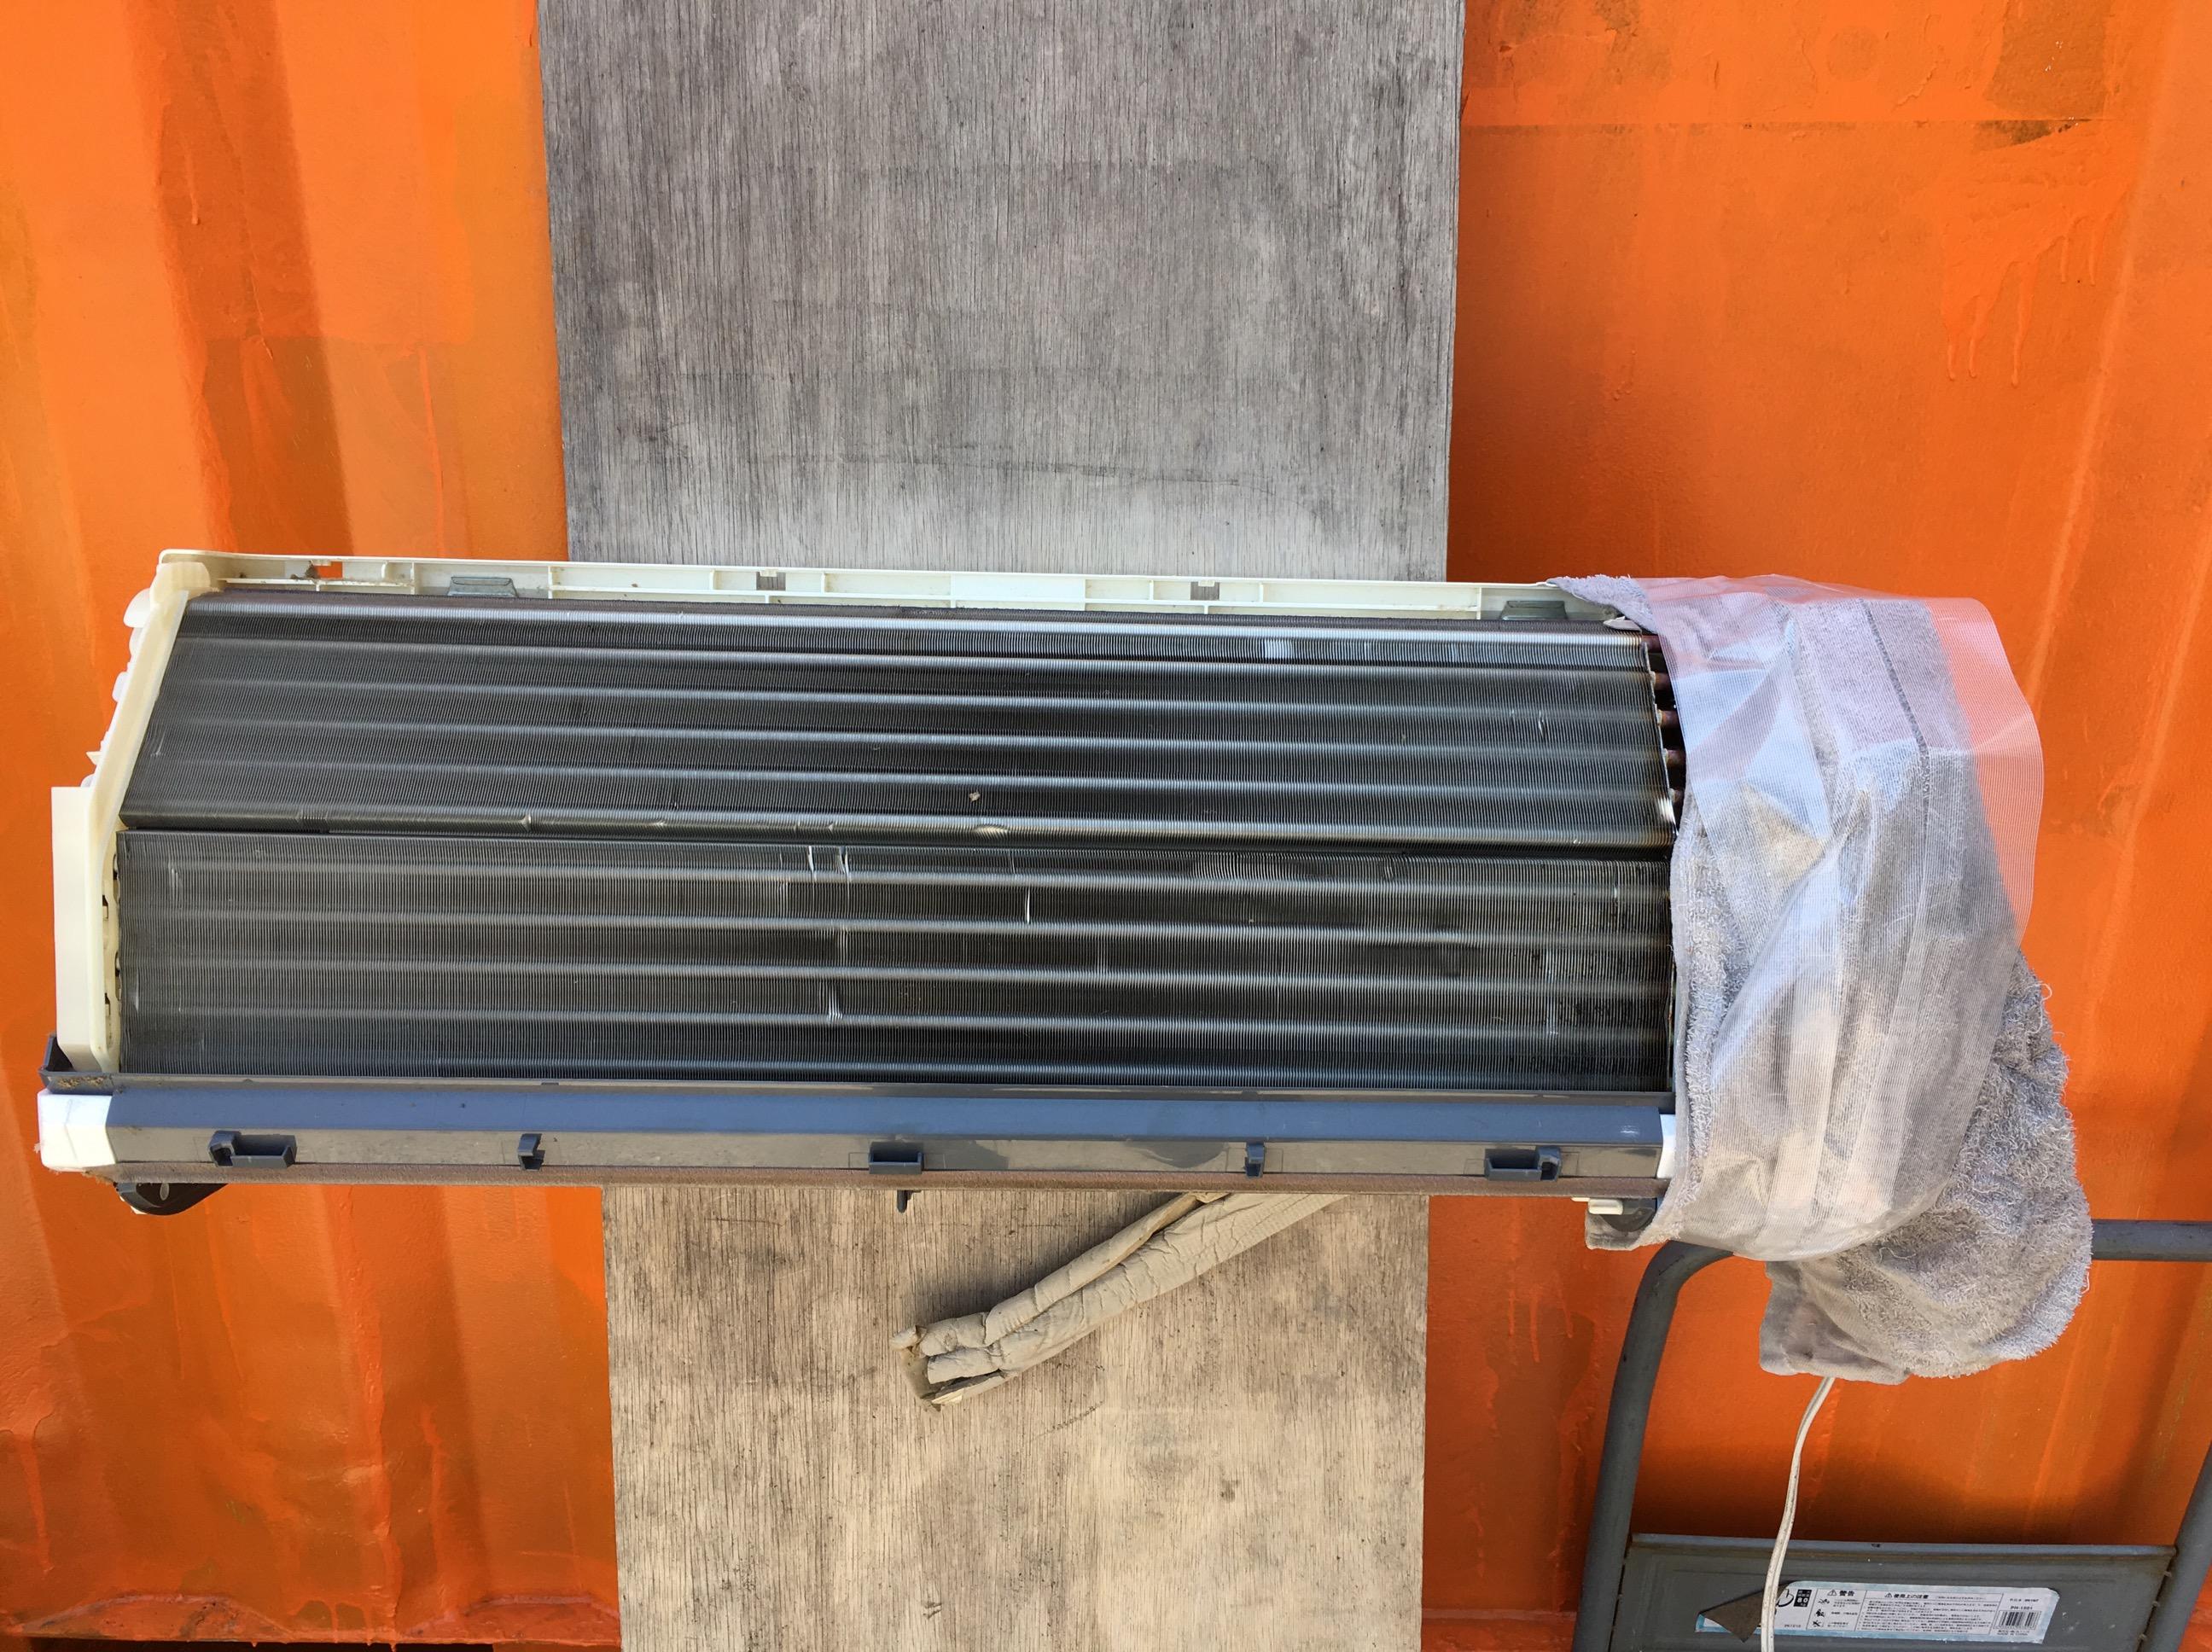 【エアコンクリーニング】三菱エアコン(MSZ-GM222)分解・掃除